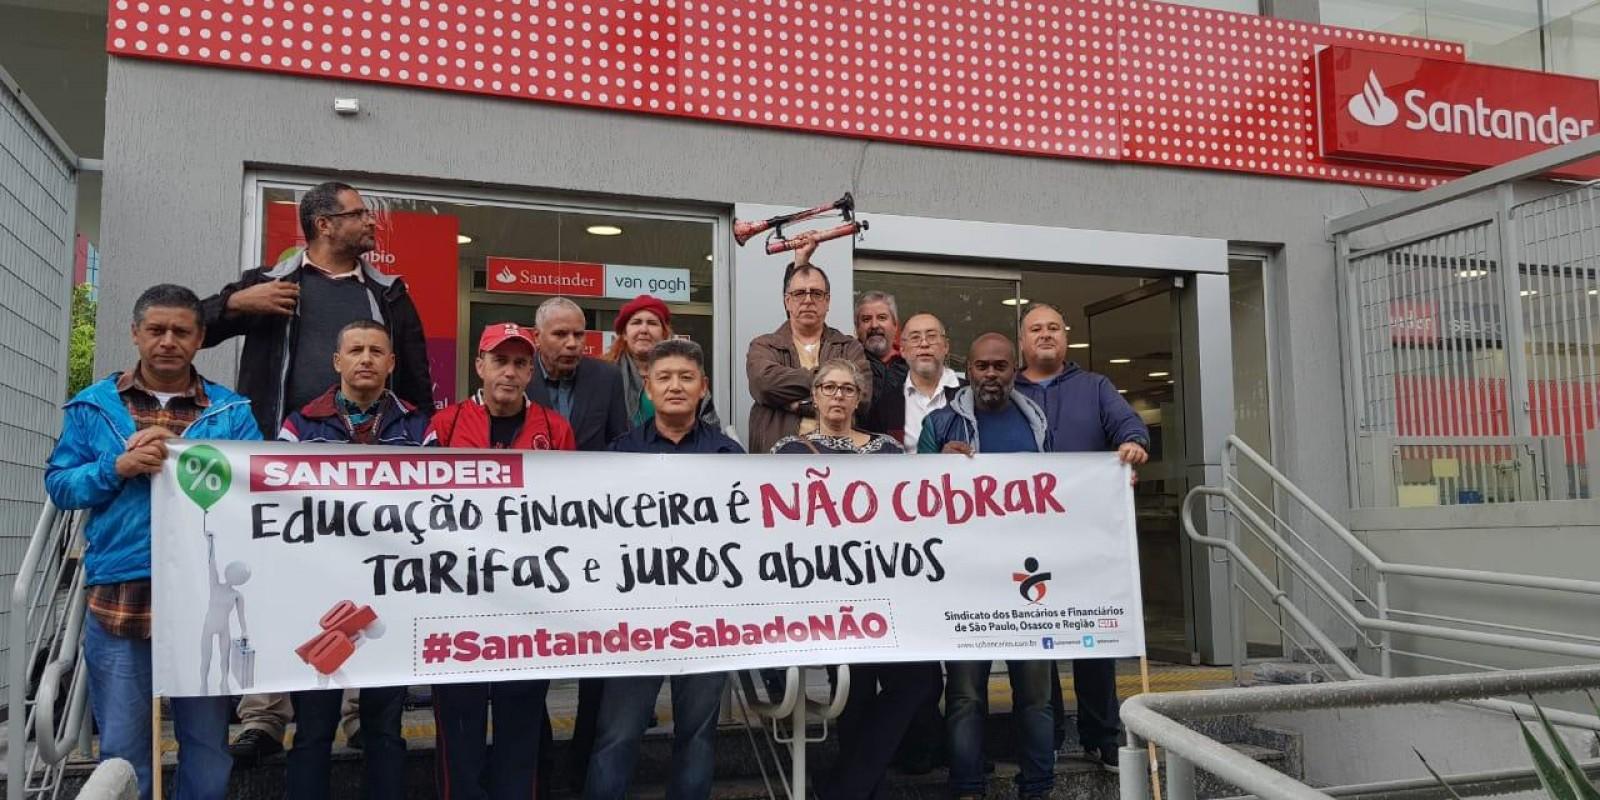 Mais um sábado de resistência no Santander